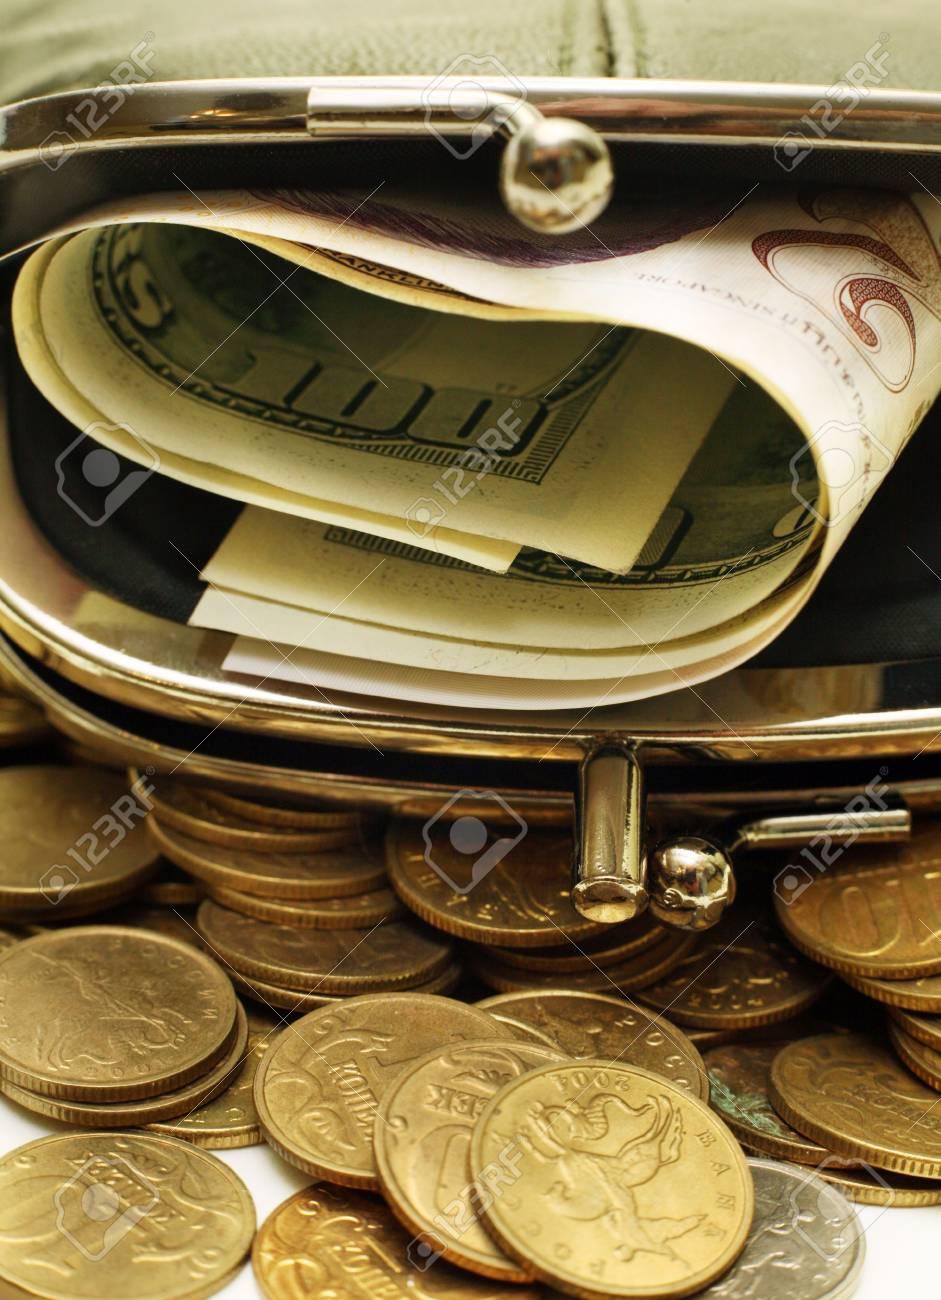 Grüne Leder Beutel Mit Russischen Münzen Die Us Dollar Und Singapur